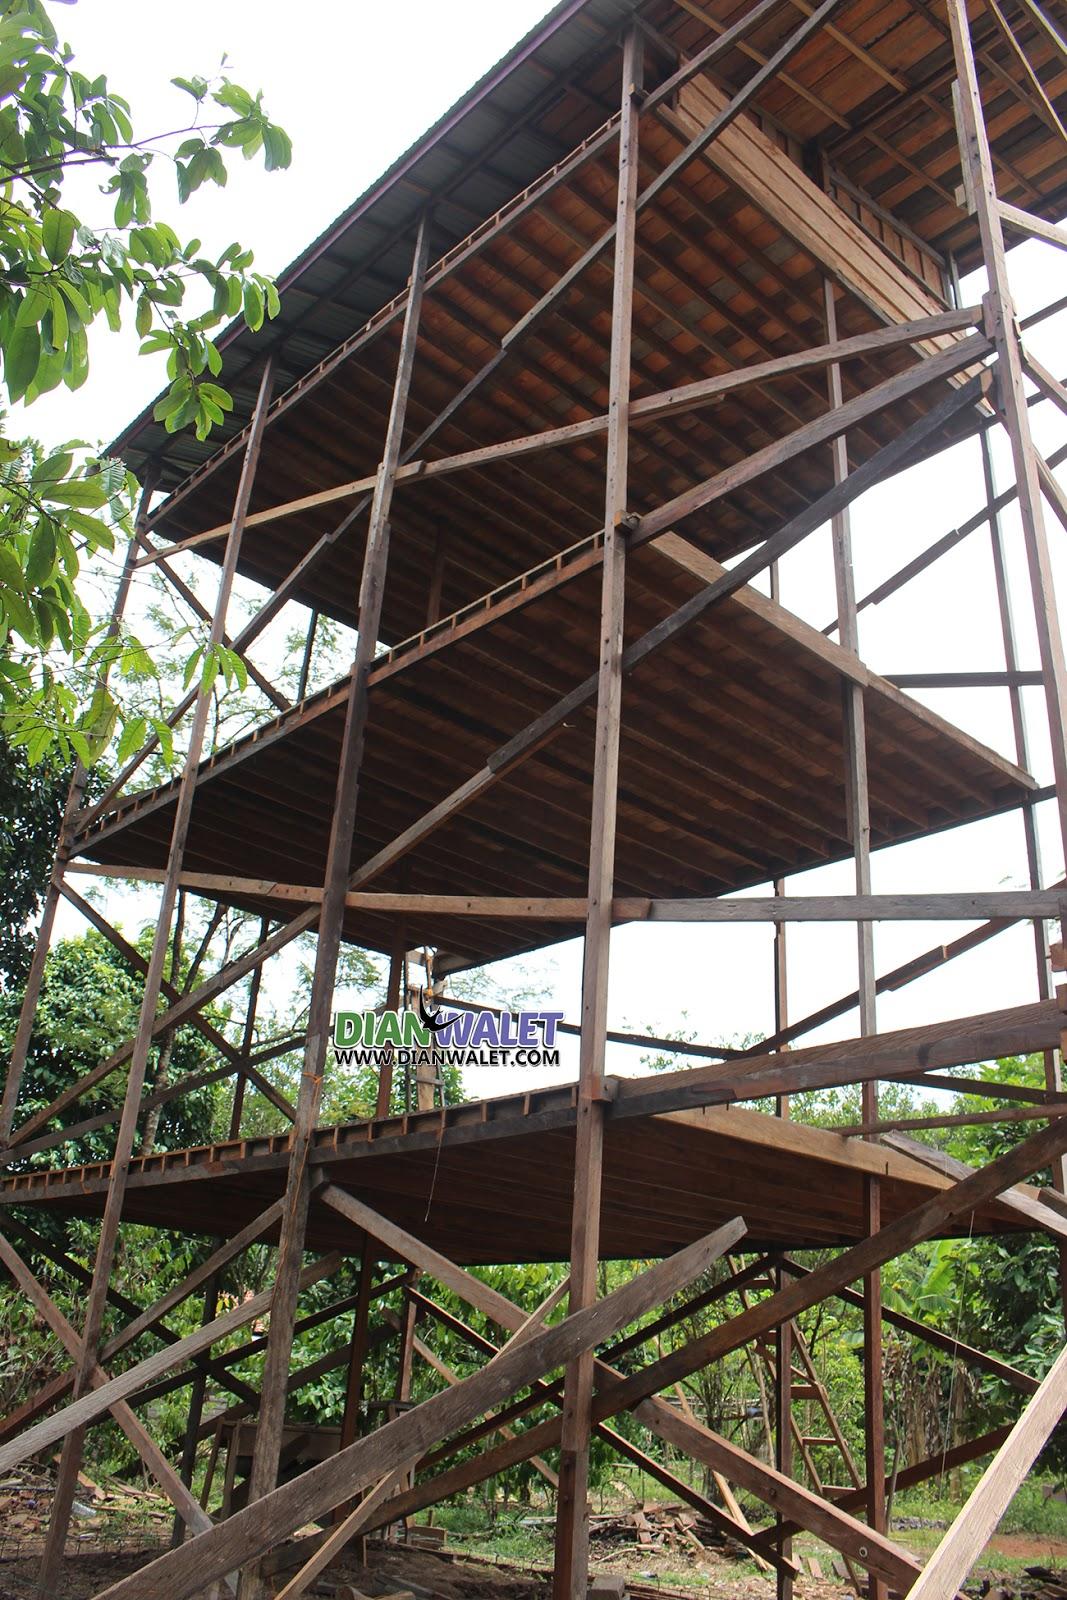 Koleksi Galeri Desain Rumah Walet Dari Kayu 4x6 Terlengkap Desain